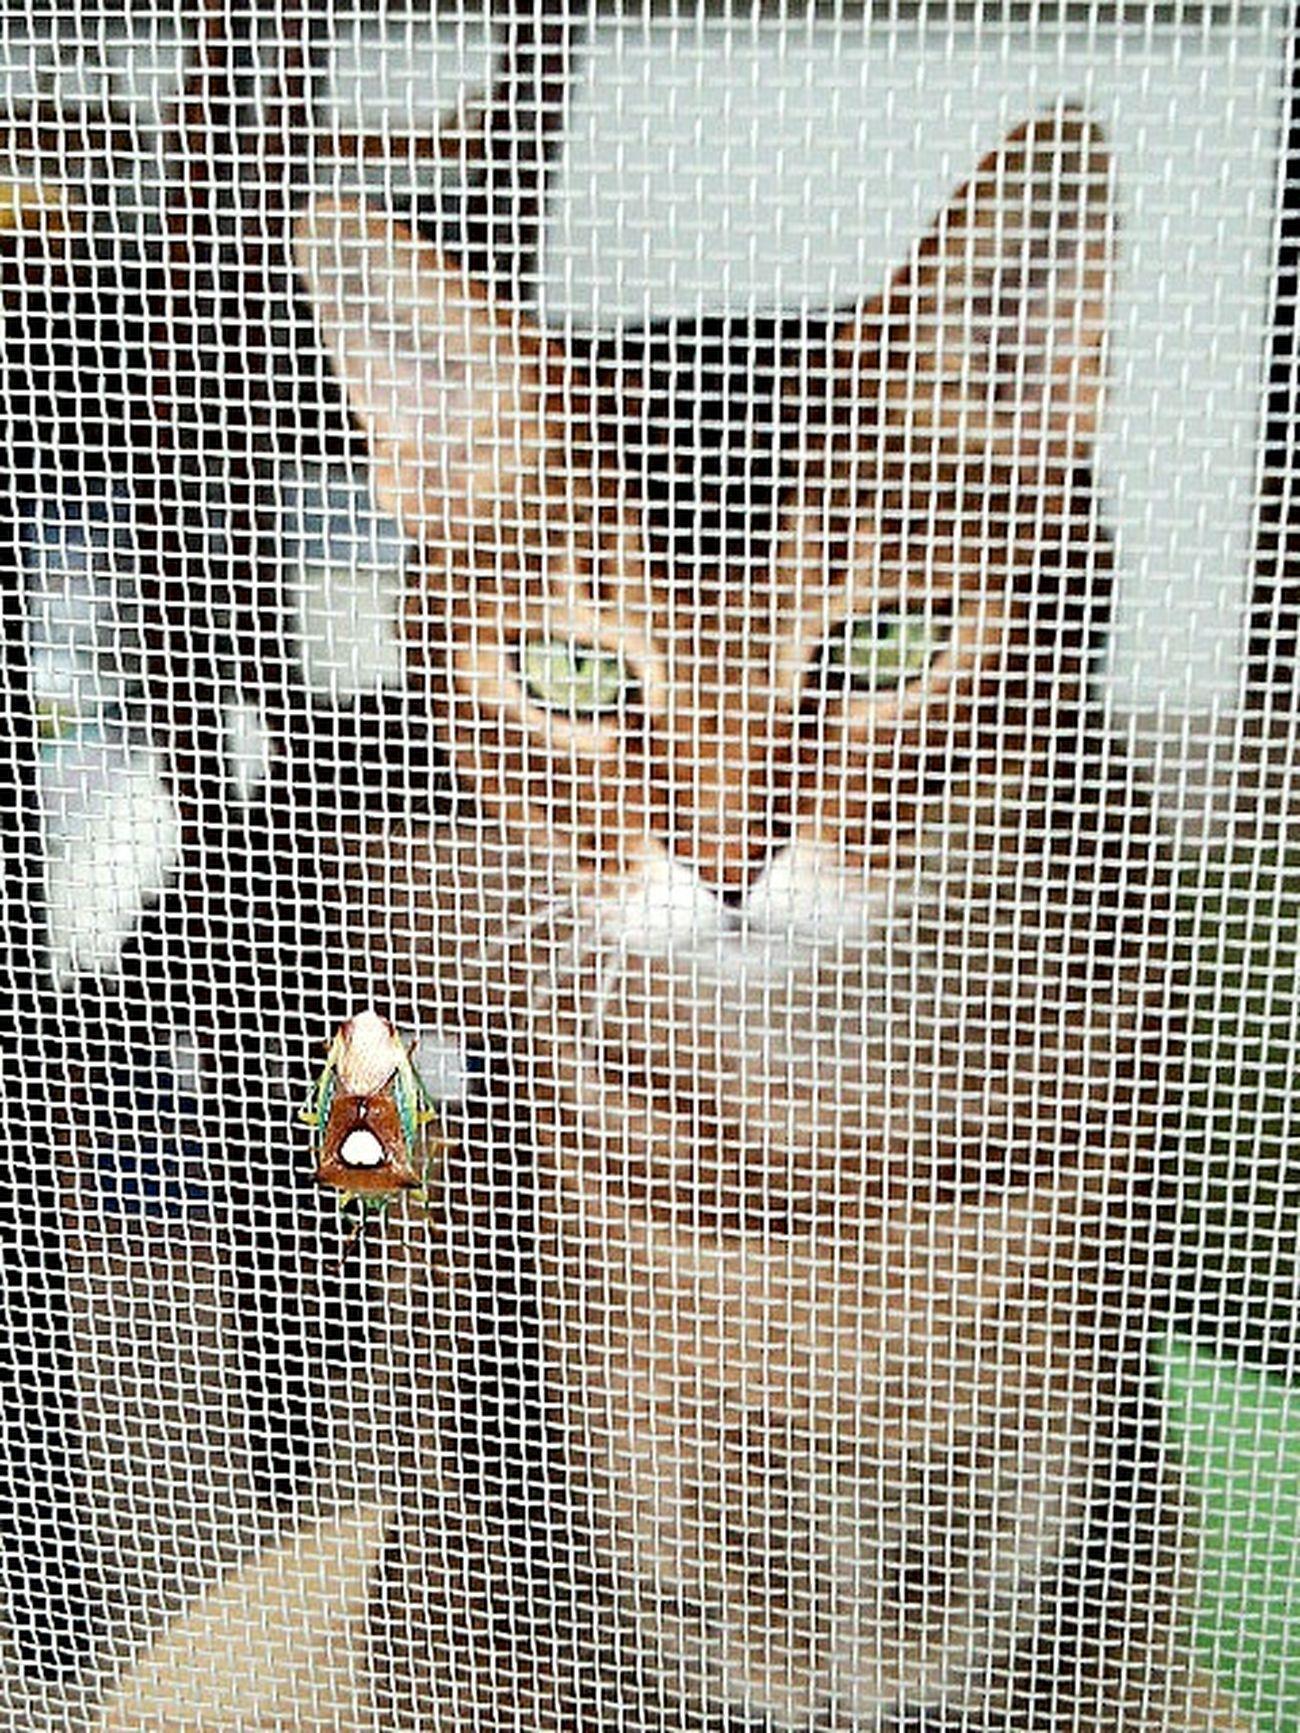 ニャコム発動!!! カメムシ Cat Animal Insect Stinkbug